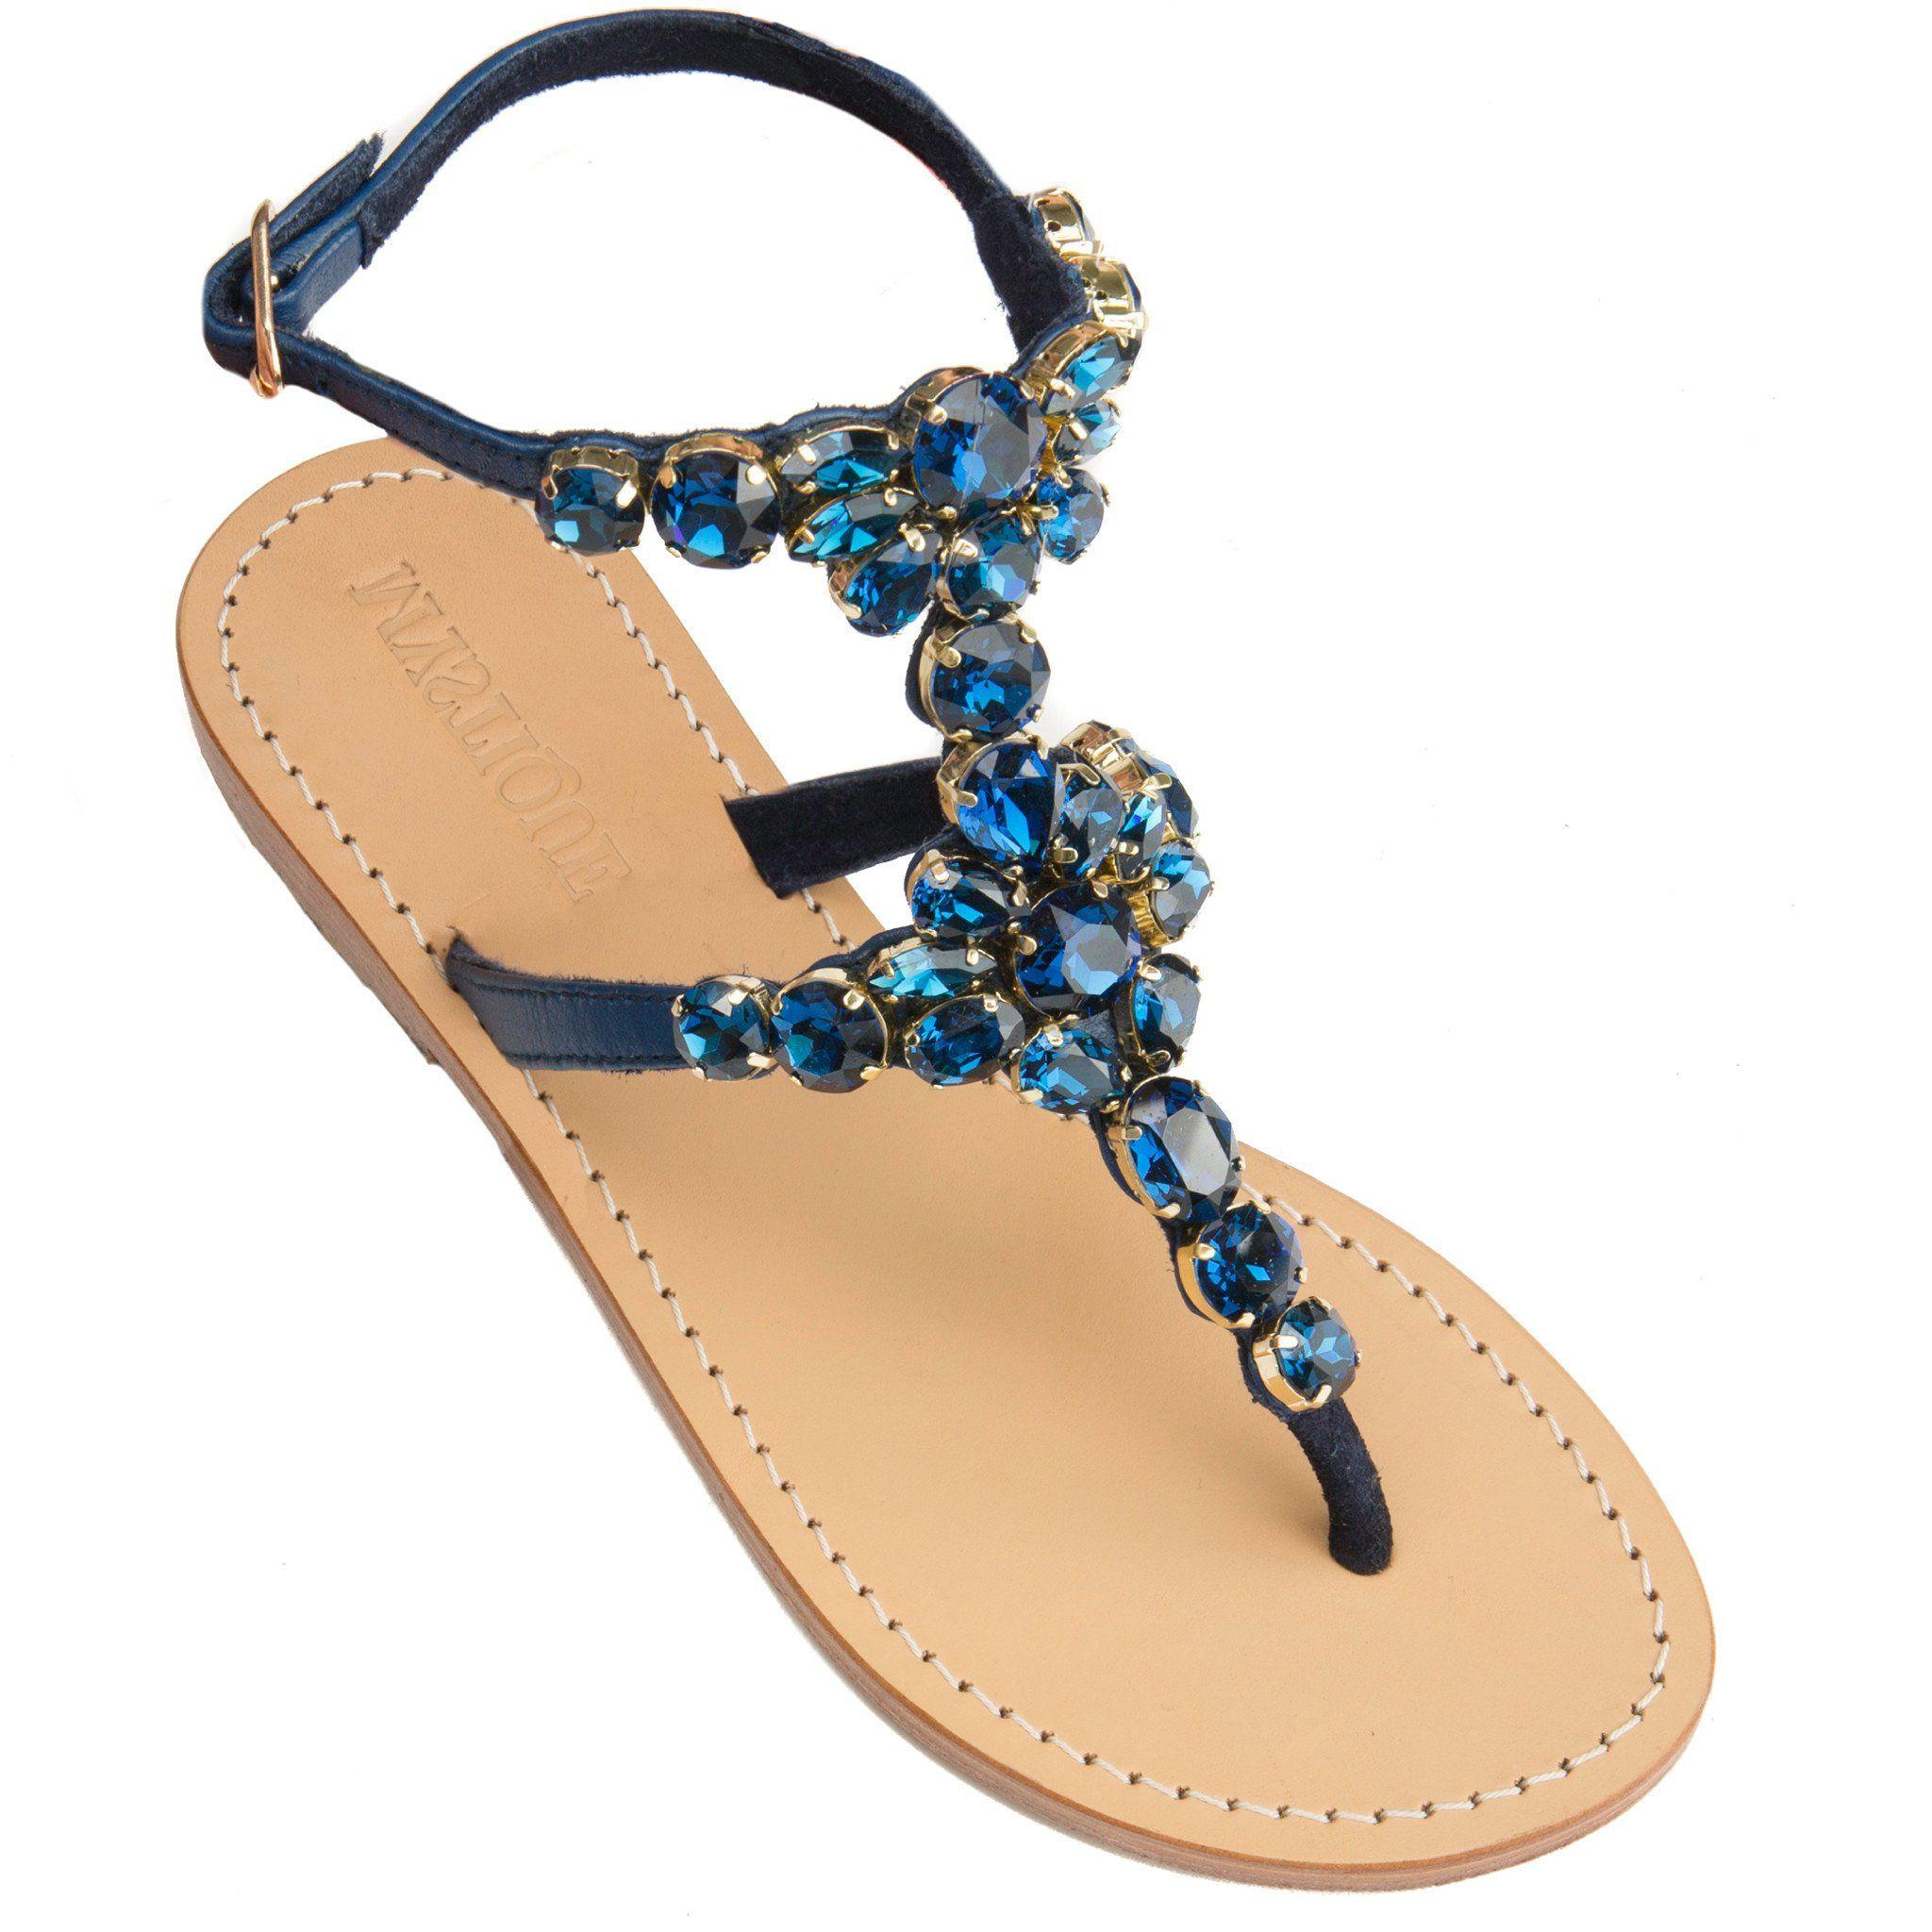 Mystique Women s Leather Jeweled Sandals - Vancouver – Mystique Sandals ef2a3319282c